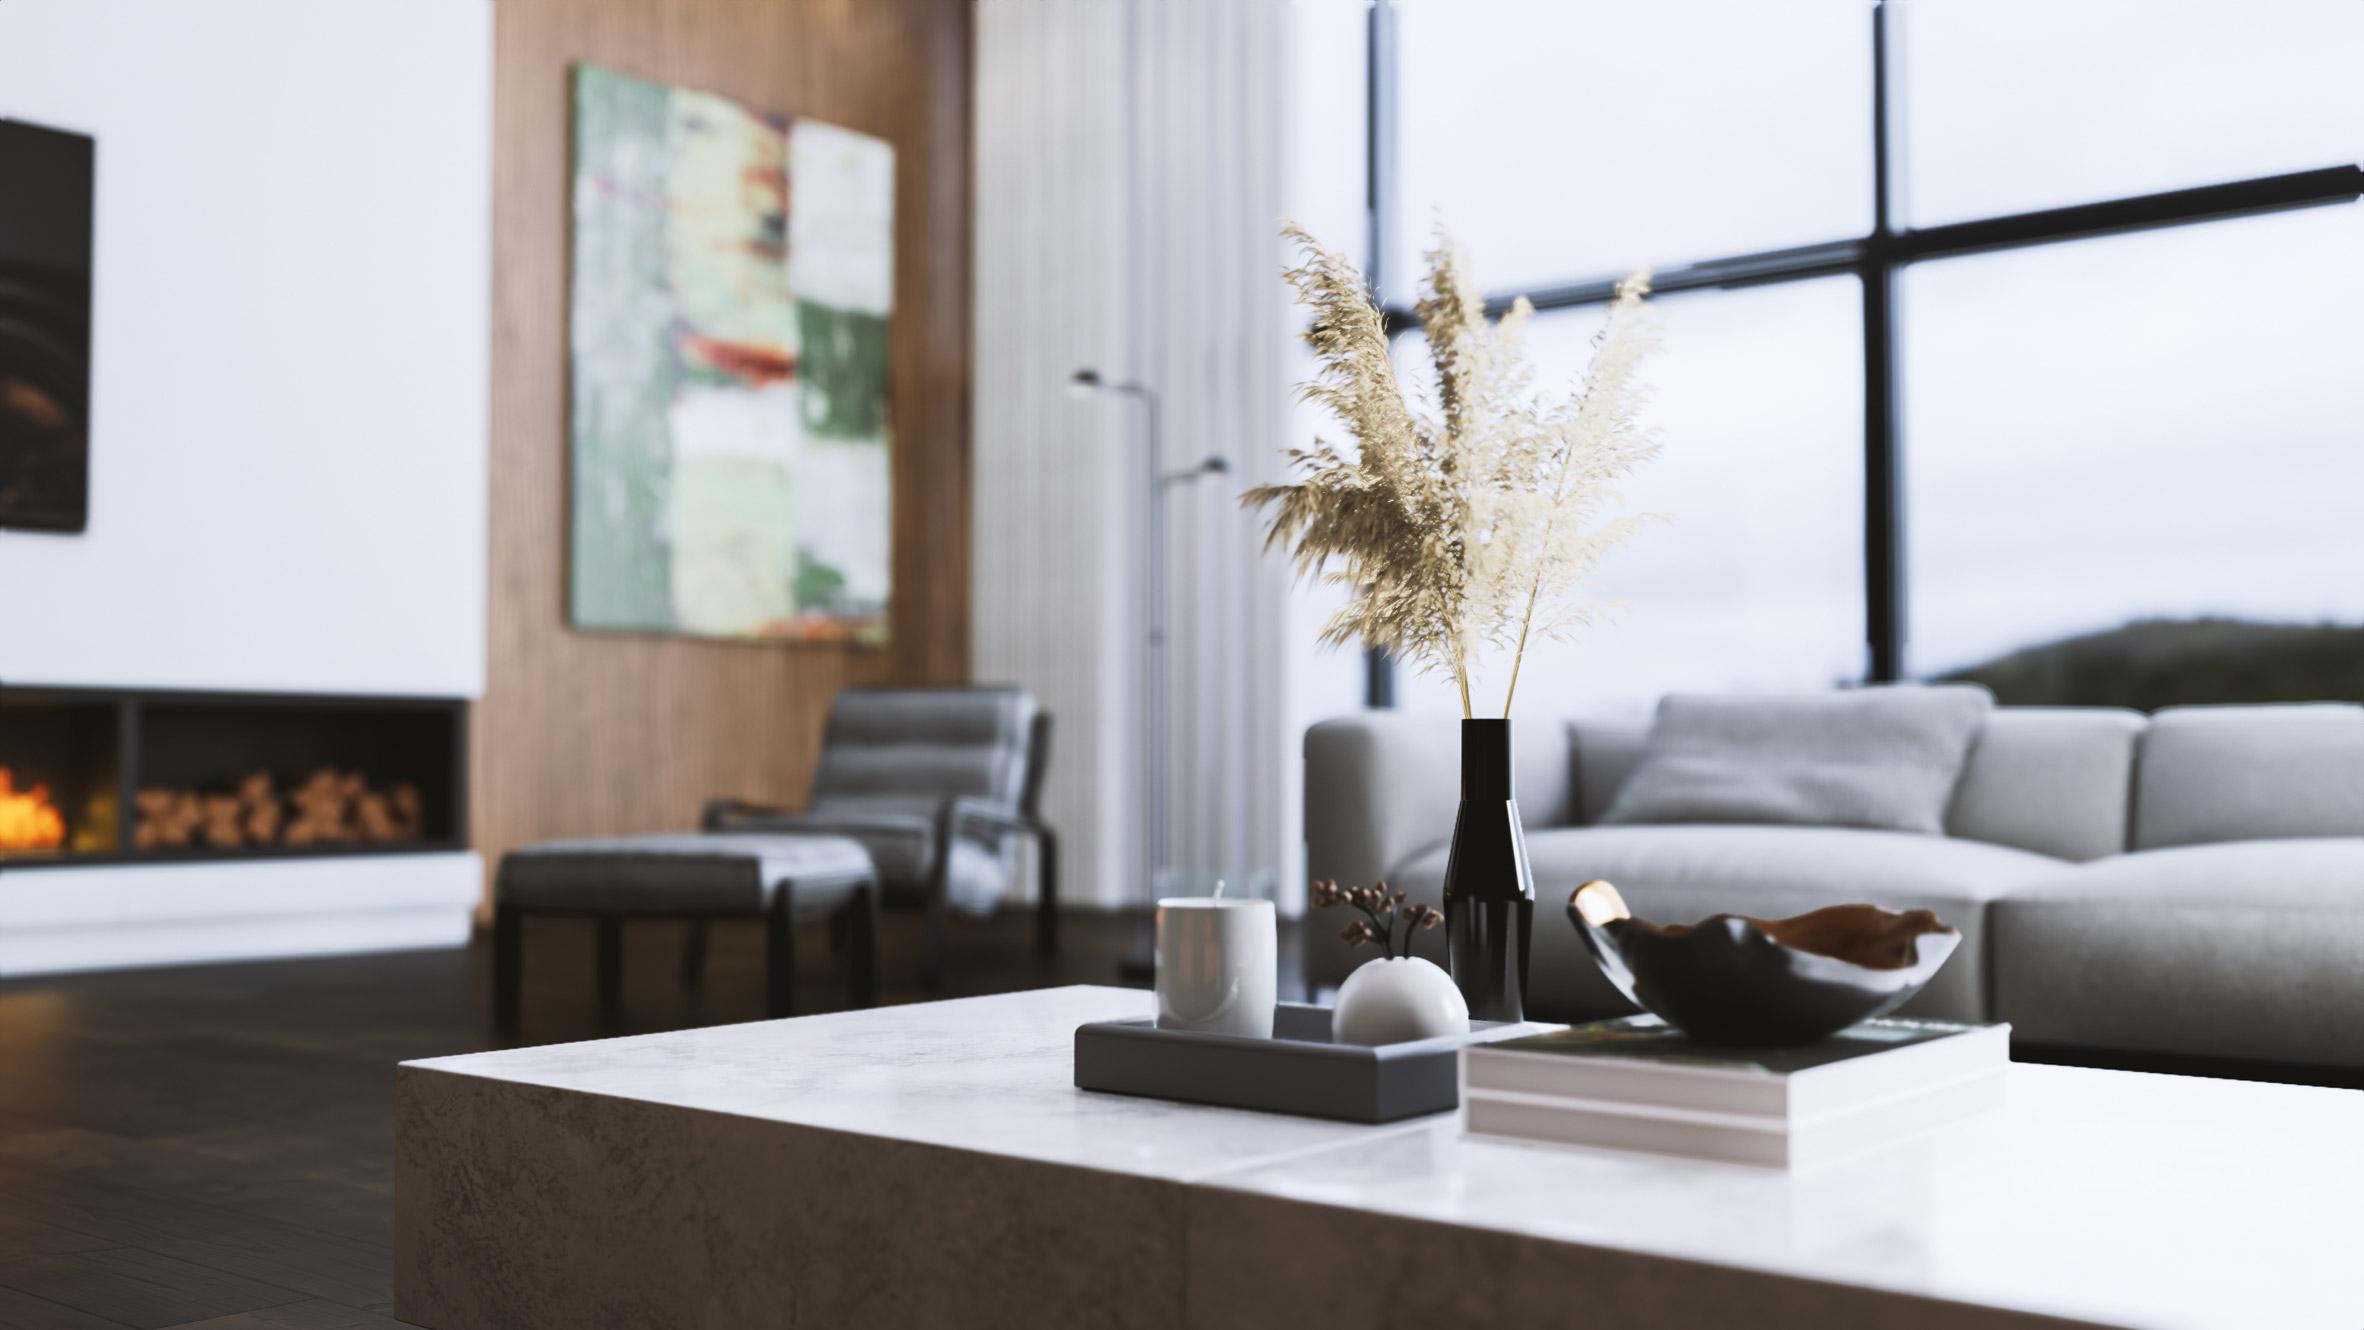 A 3D render of a living room interior